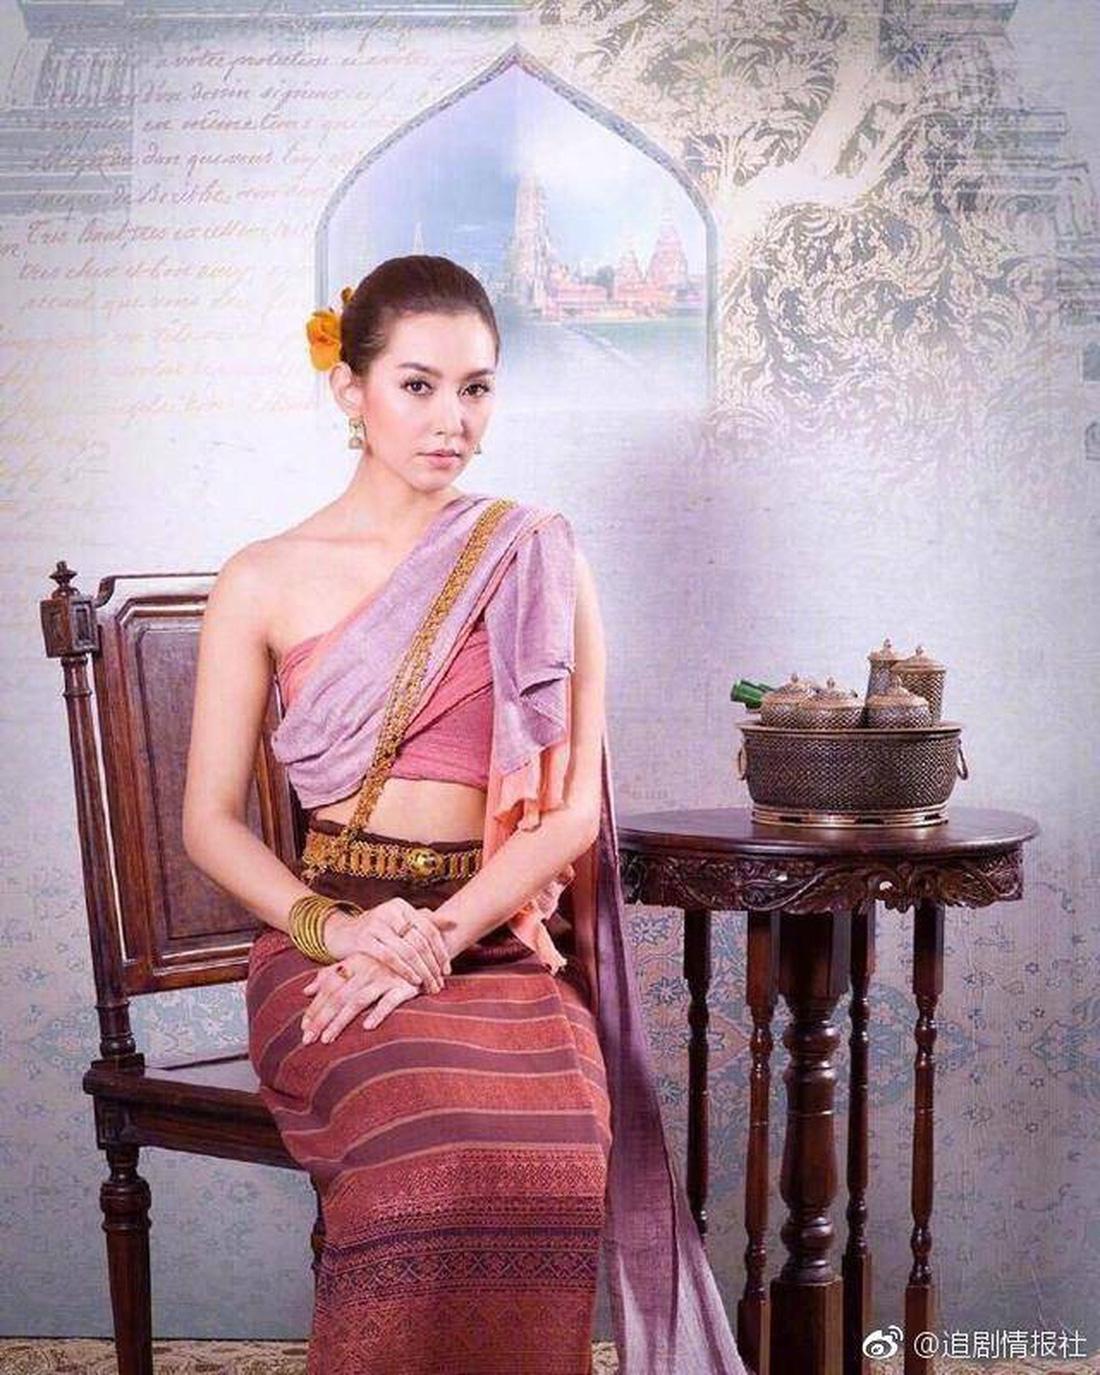 Nhân duyên tiền định và lý do Thủ tướng Thái phải gặp đoàn phim - Ảnh 3.